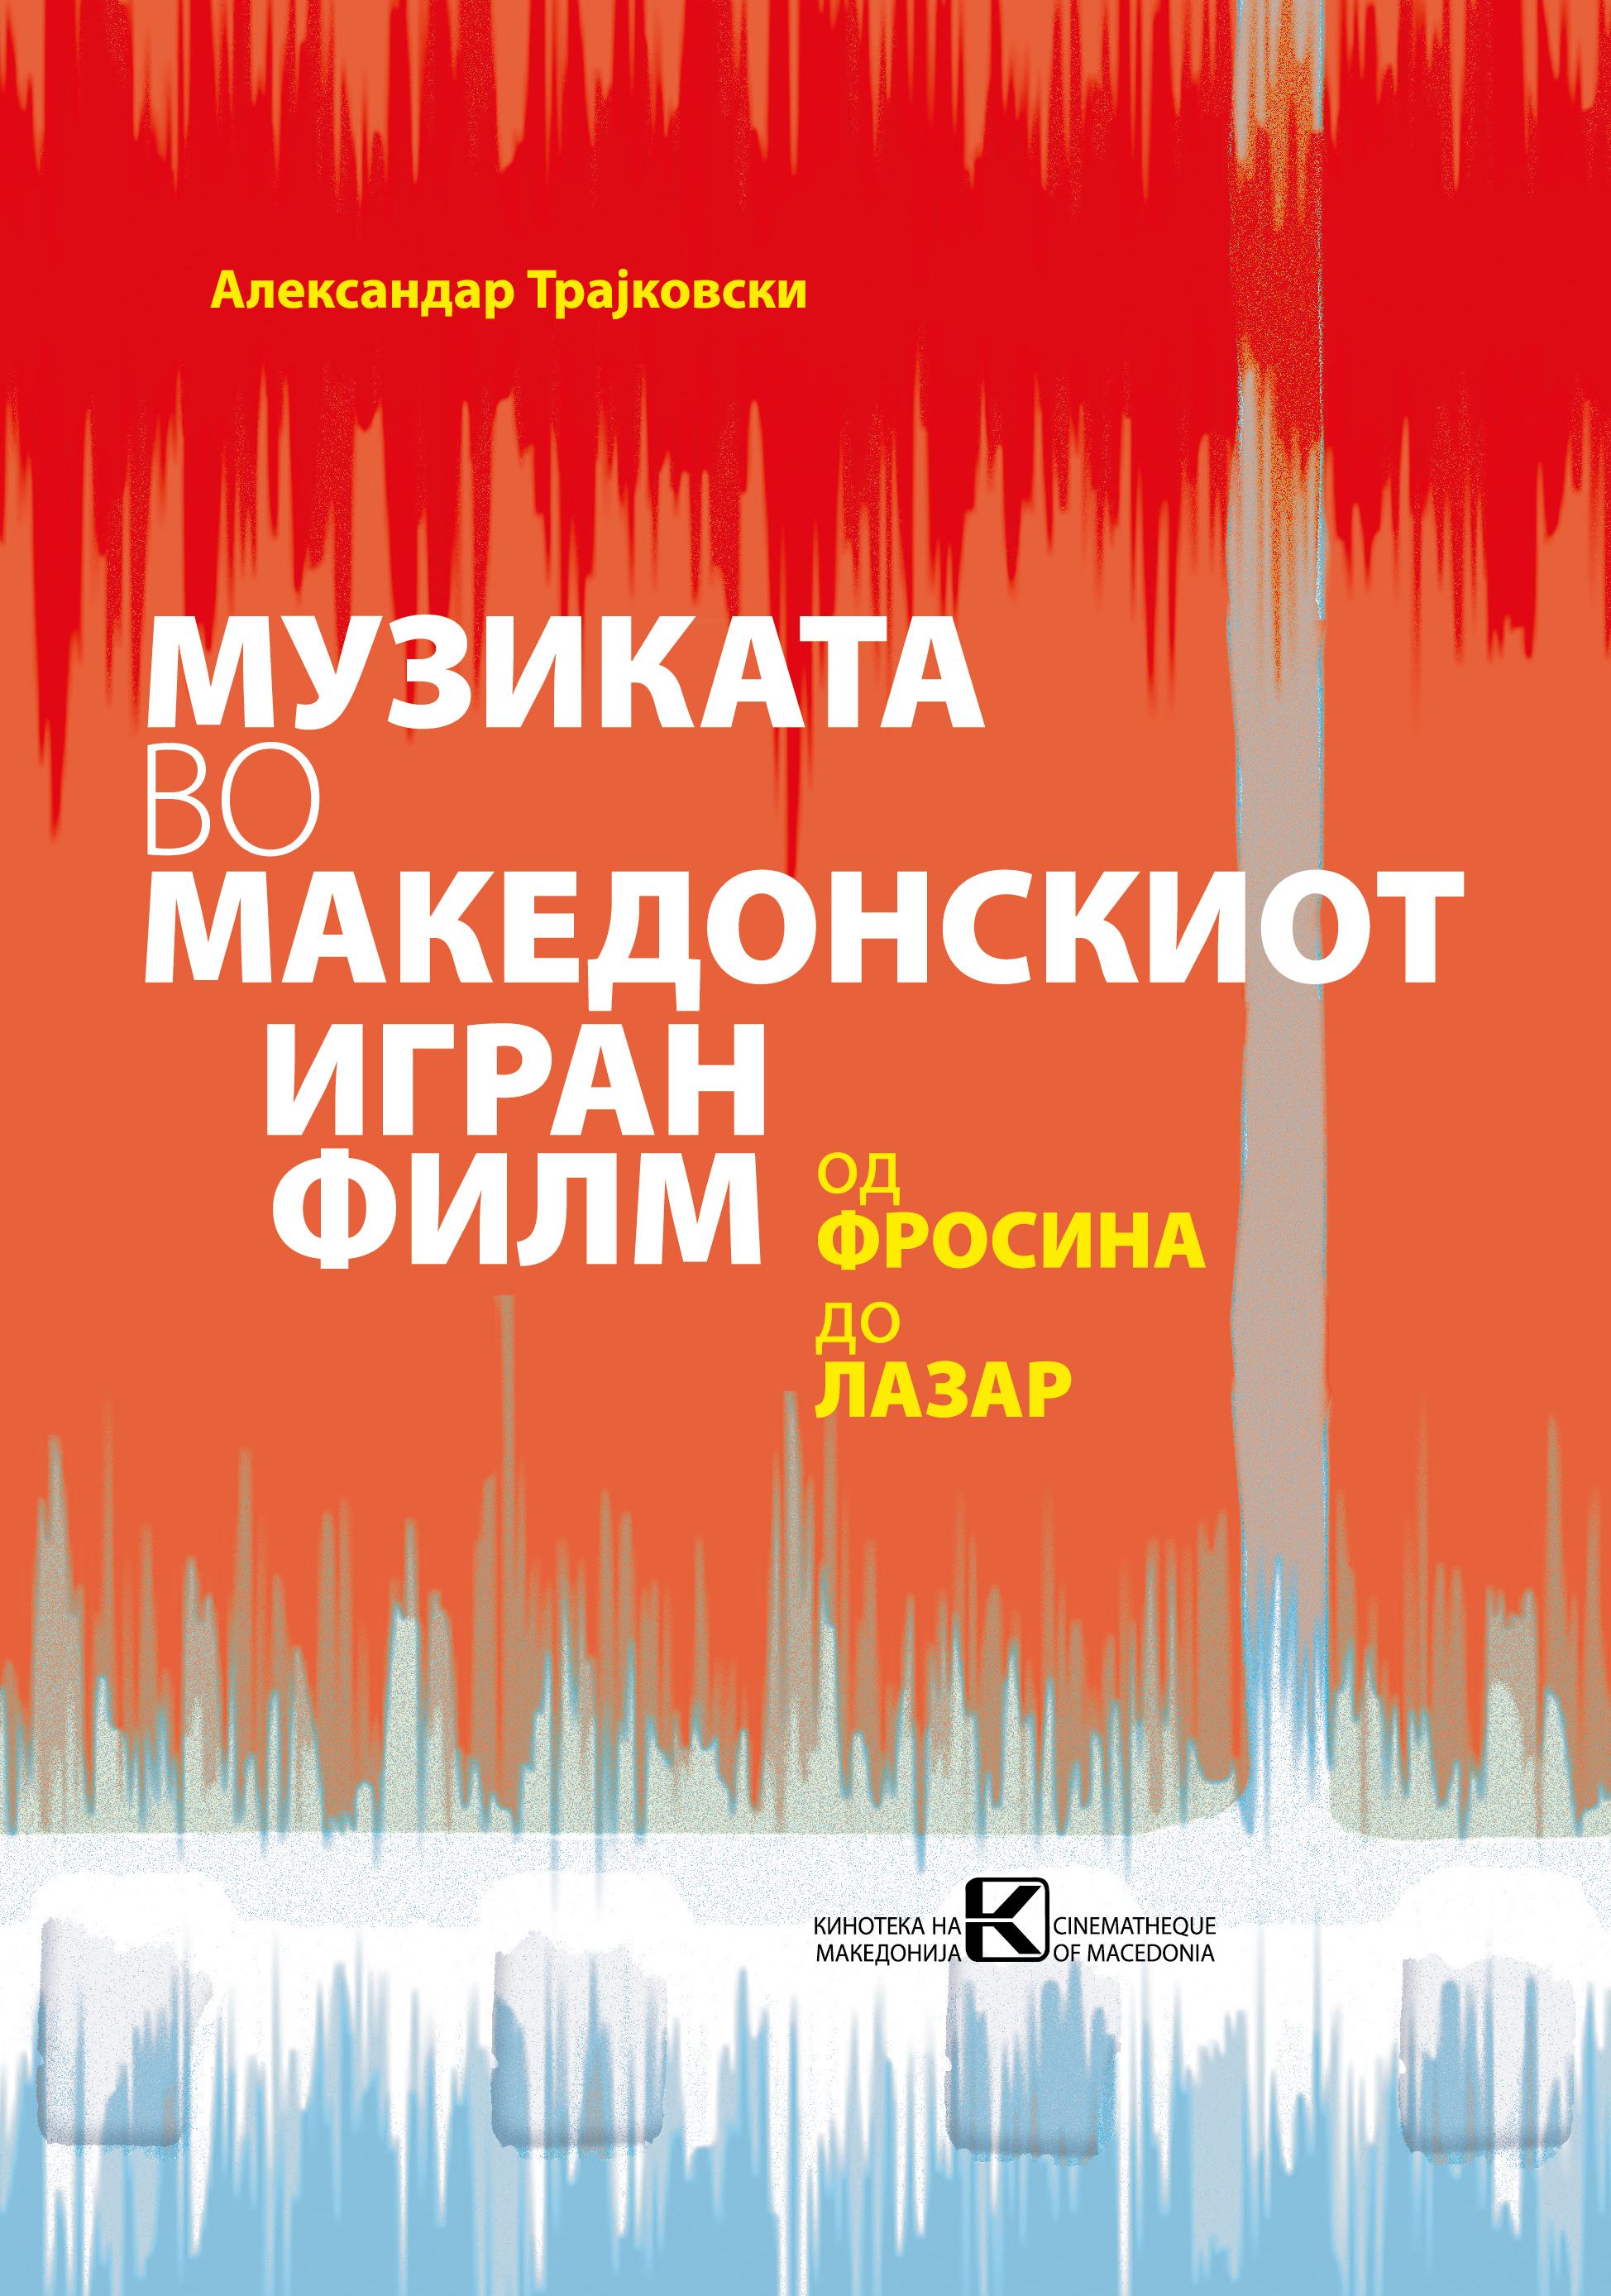 """Промоција на книгата """"Музиката во македонскиот игран филм: од ФРОСИНА до ЛАЗАР"""""""